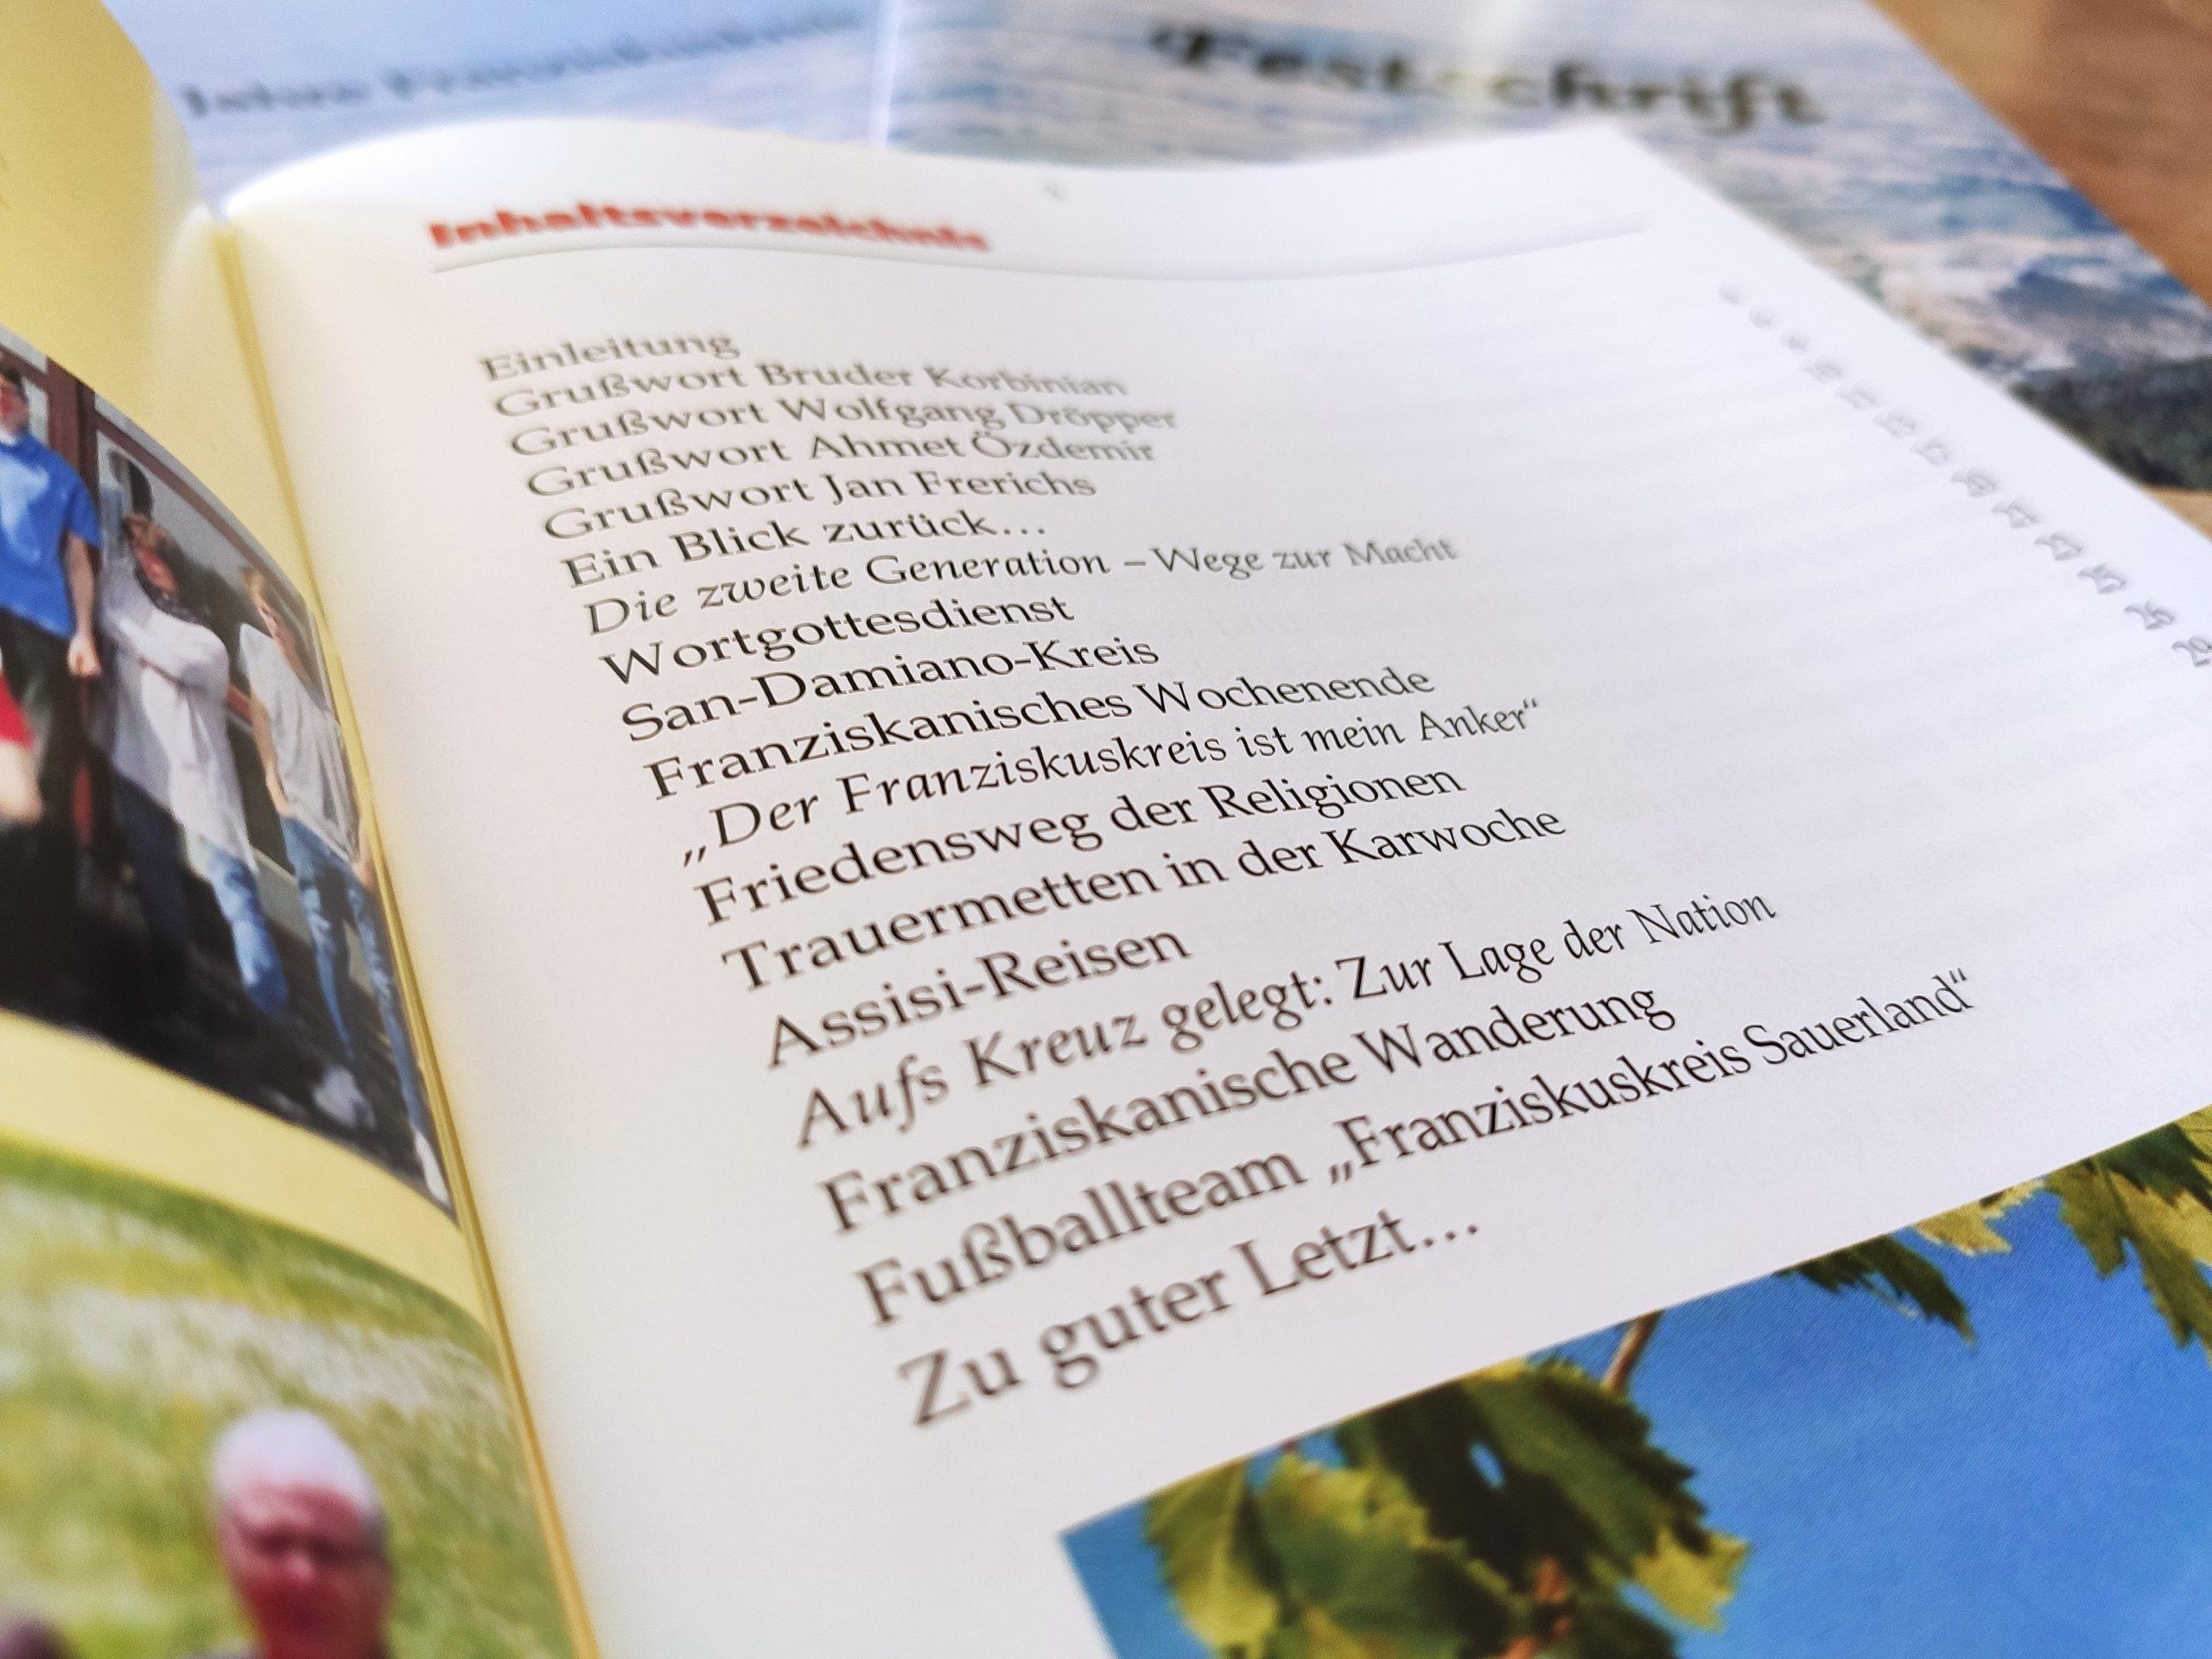 Inhaltsverzeichnis Festschrift 20 Jahre Franziskuskreis Jubiläum